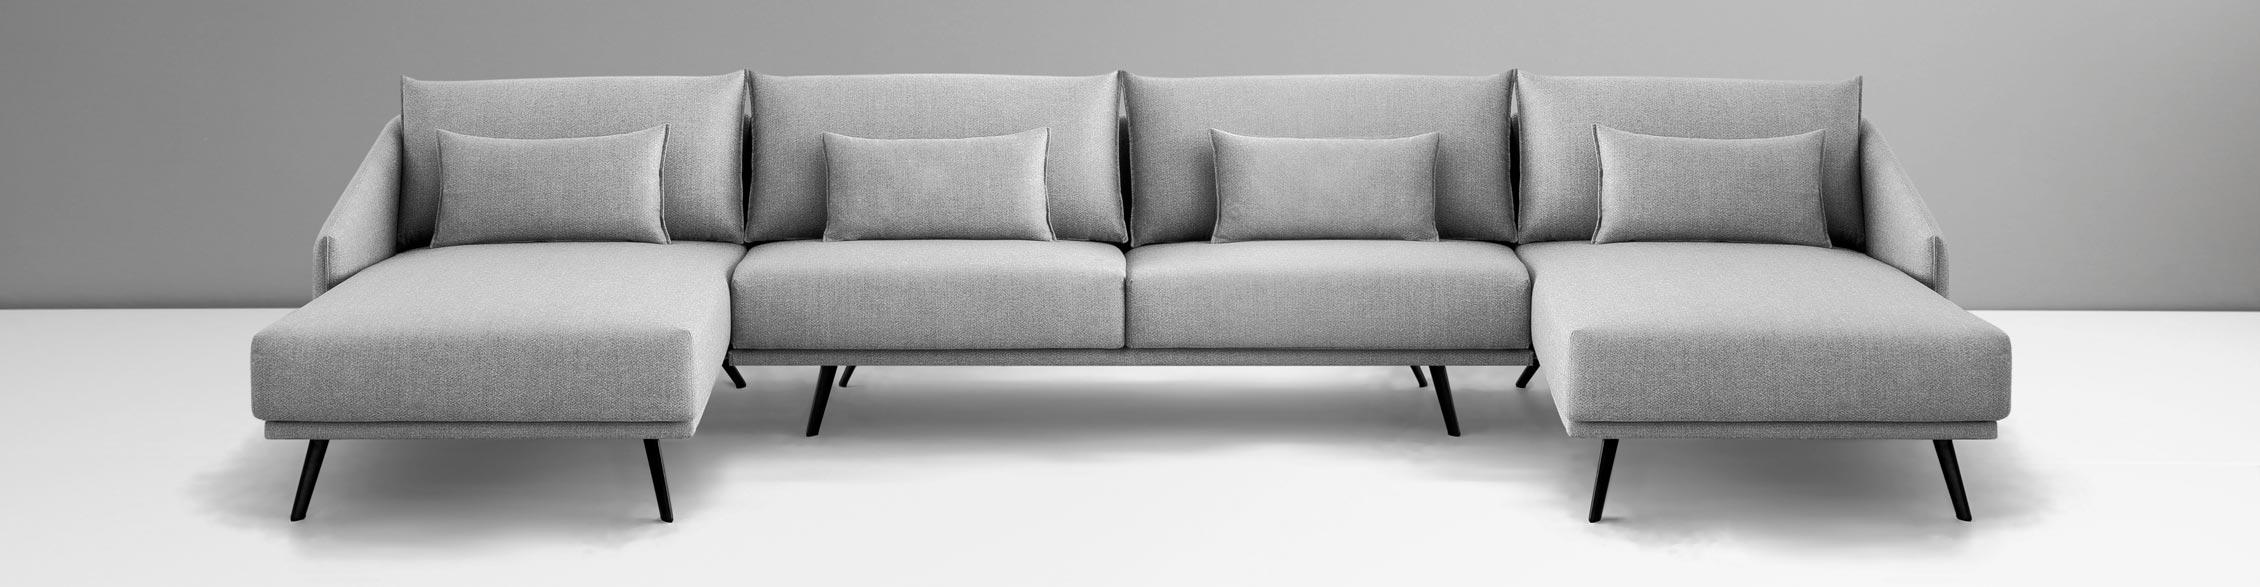 Stua Furniture in Portugal